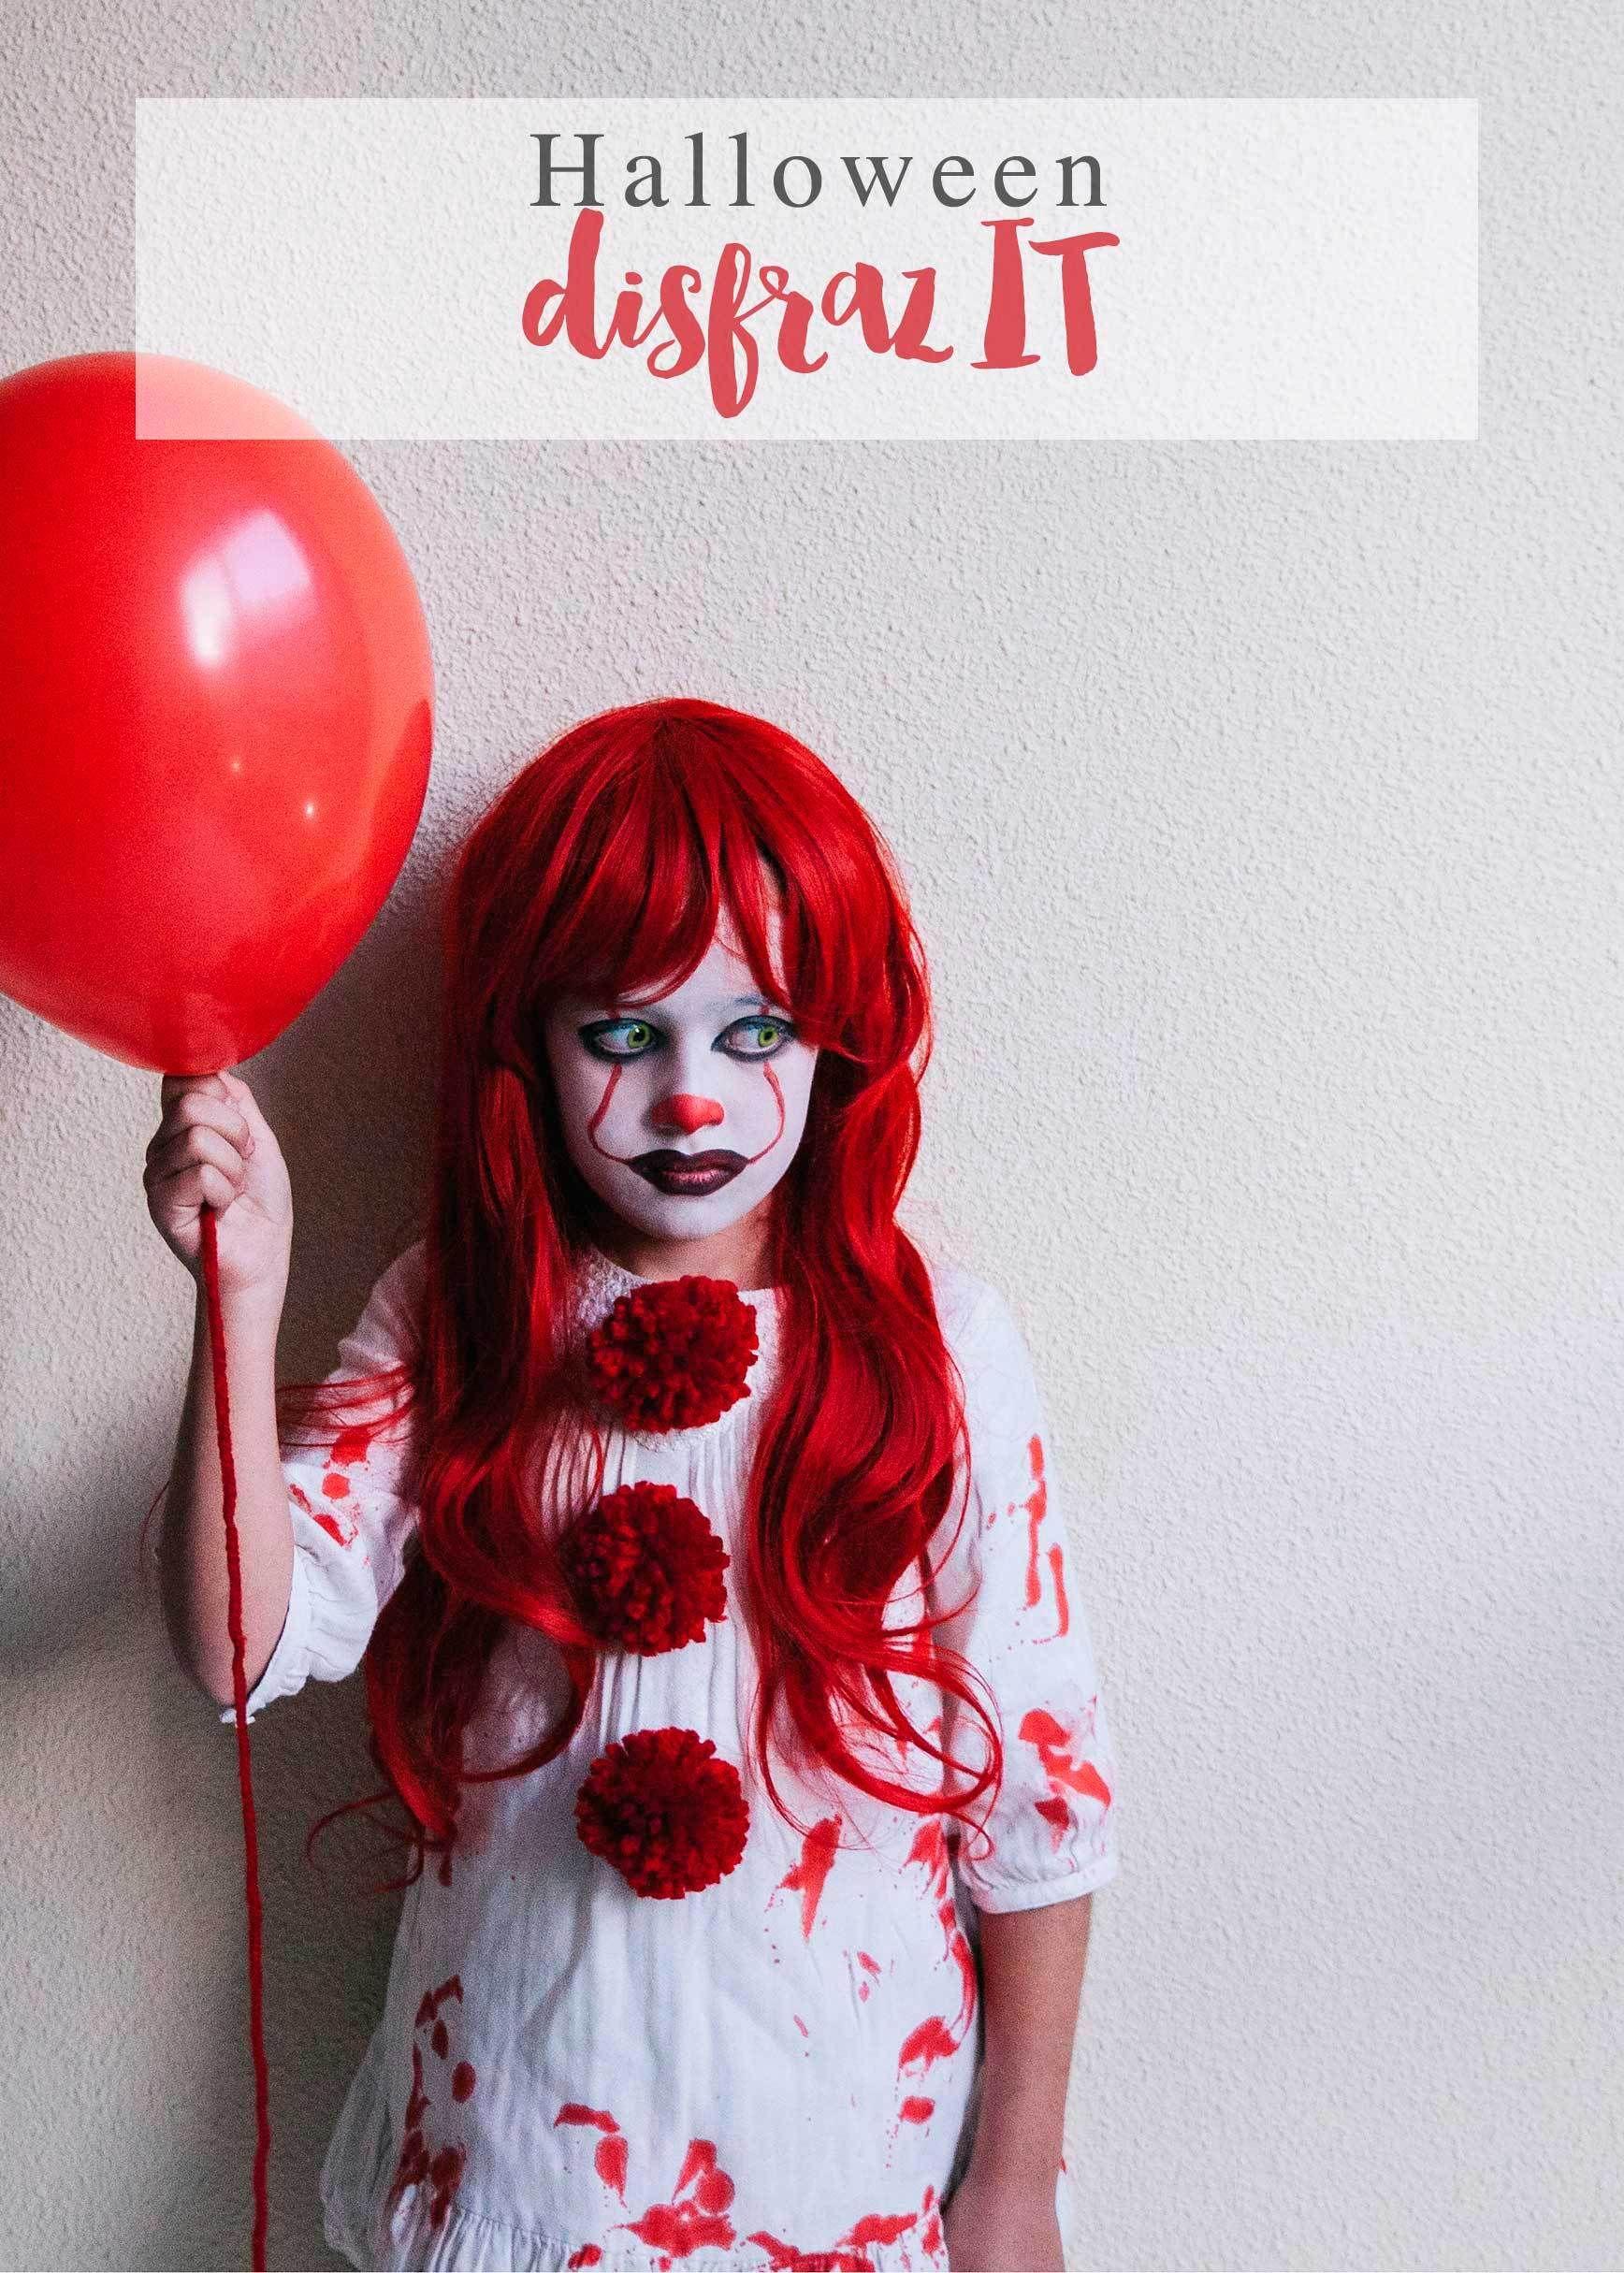 disfrazhalloween disfrazIT kidcostume Halloween IT